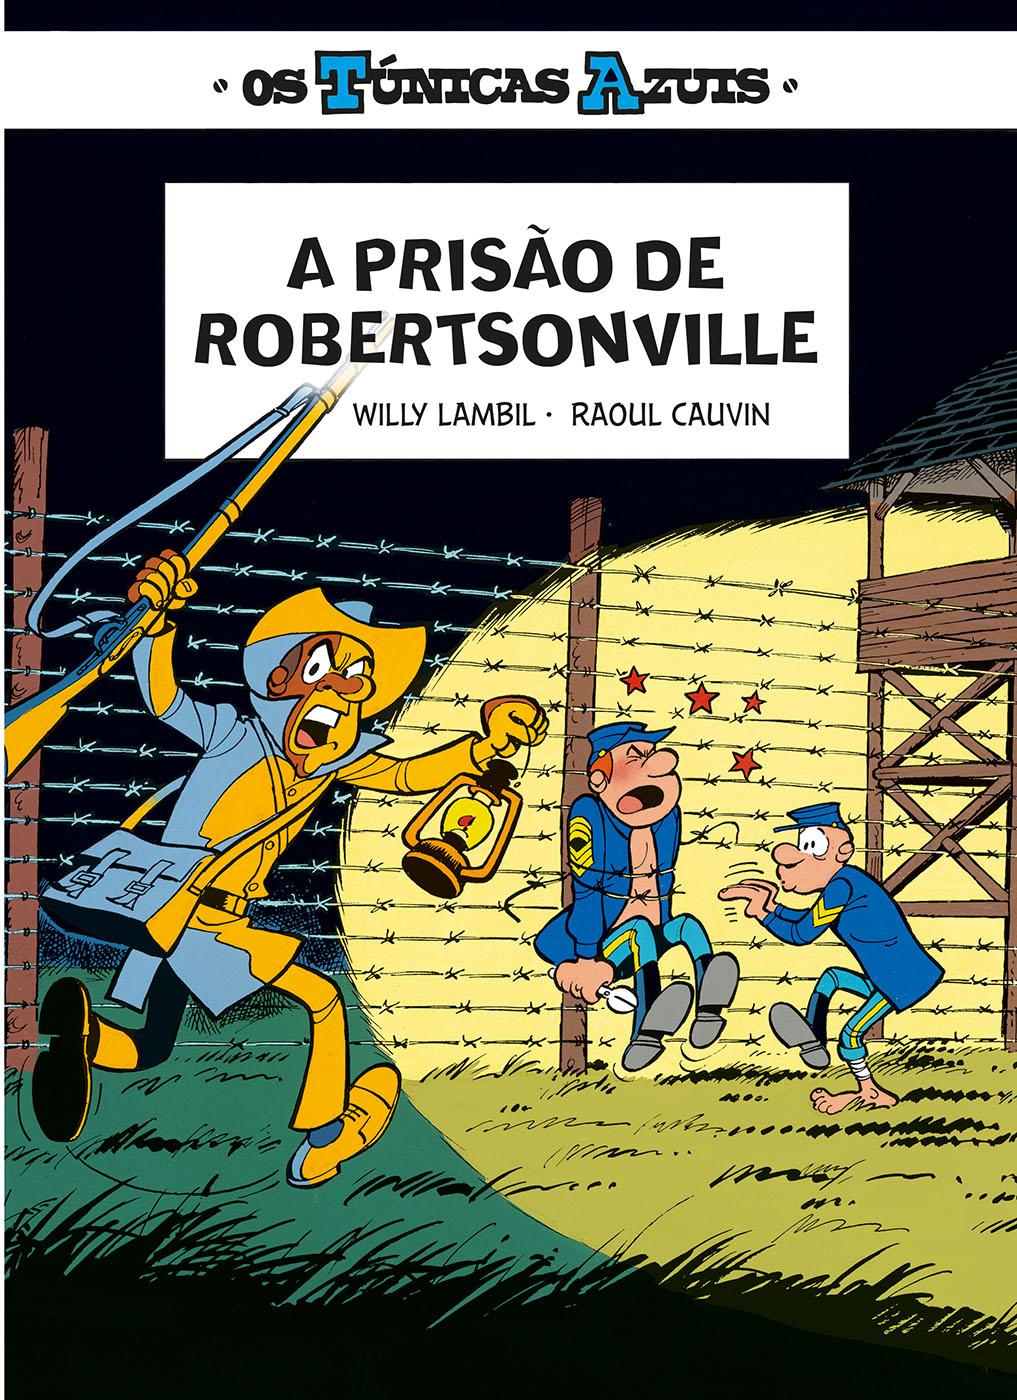 Os Túnicas Azuis 2. A prisão de Robertsonville